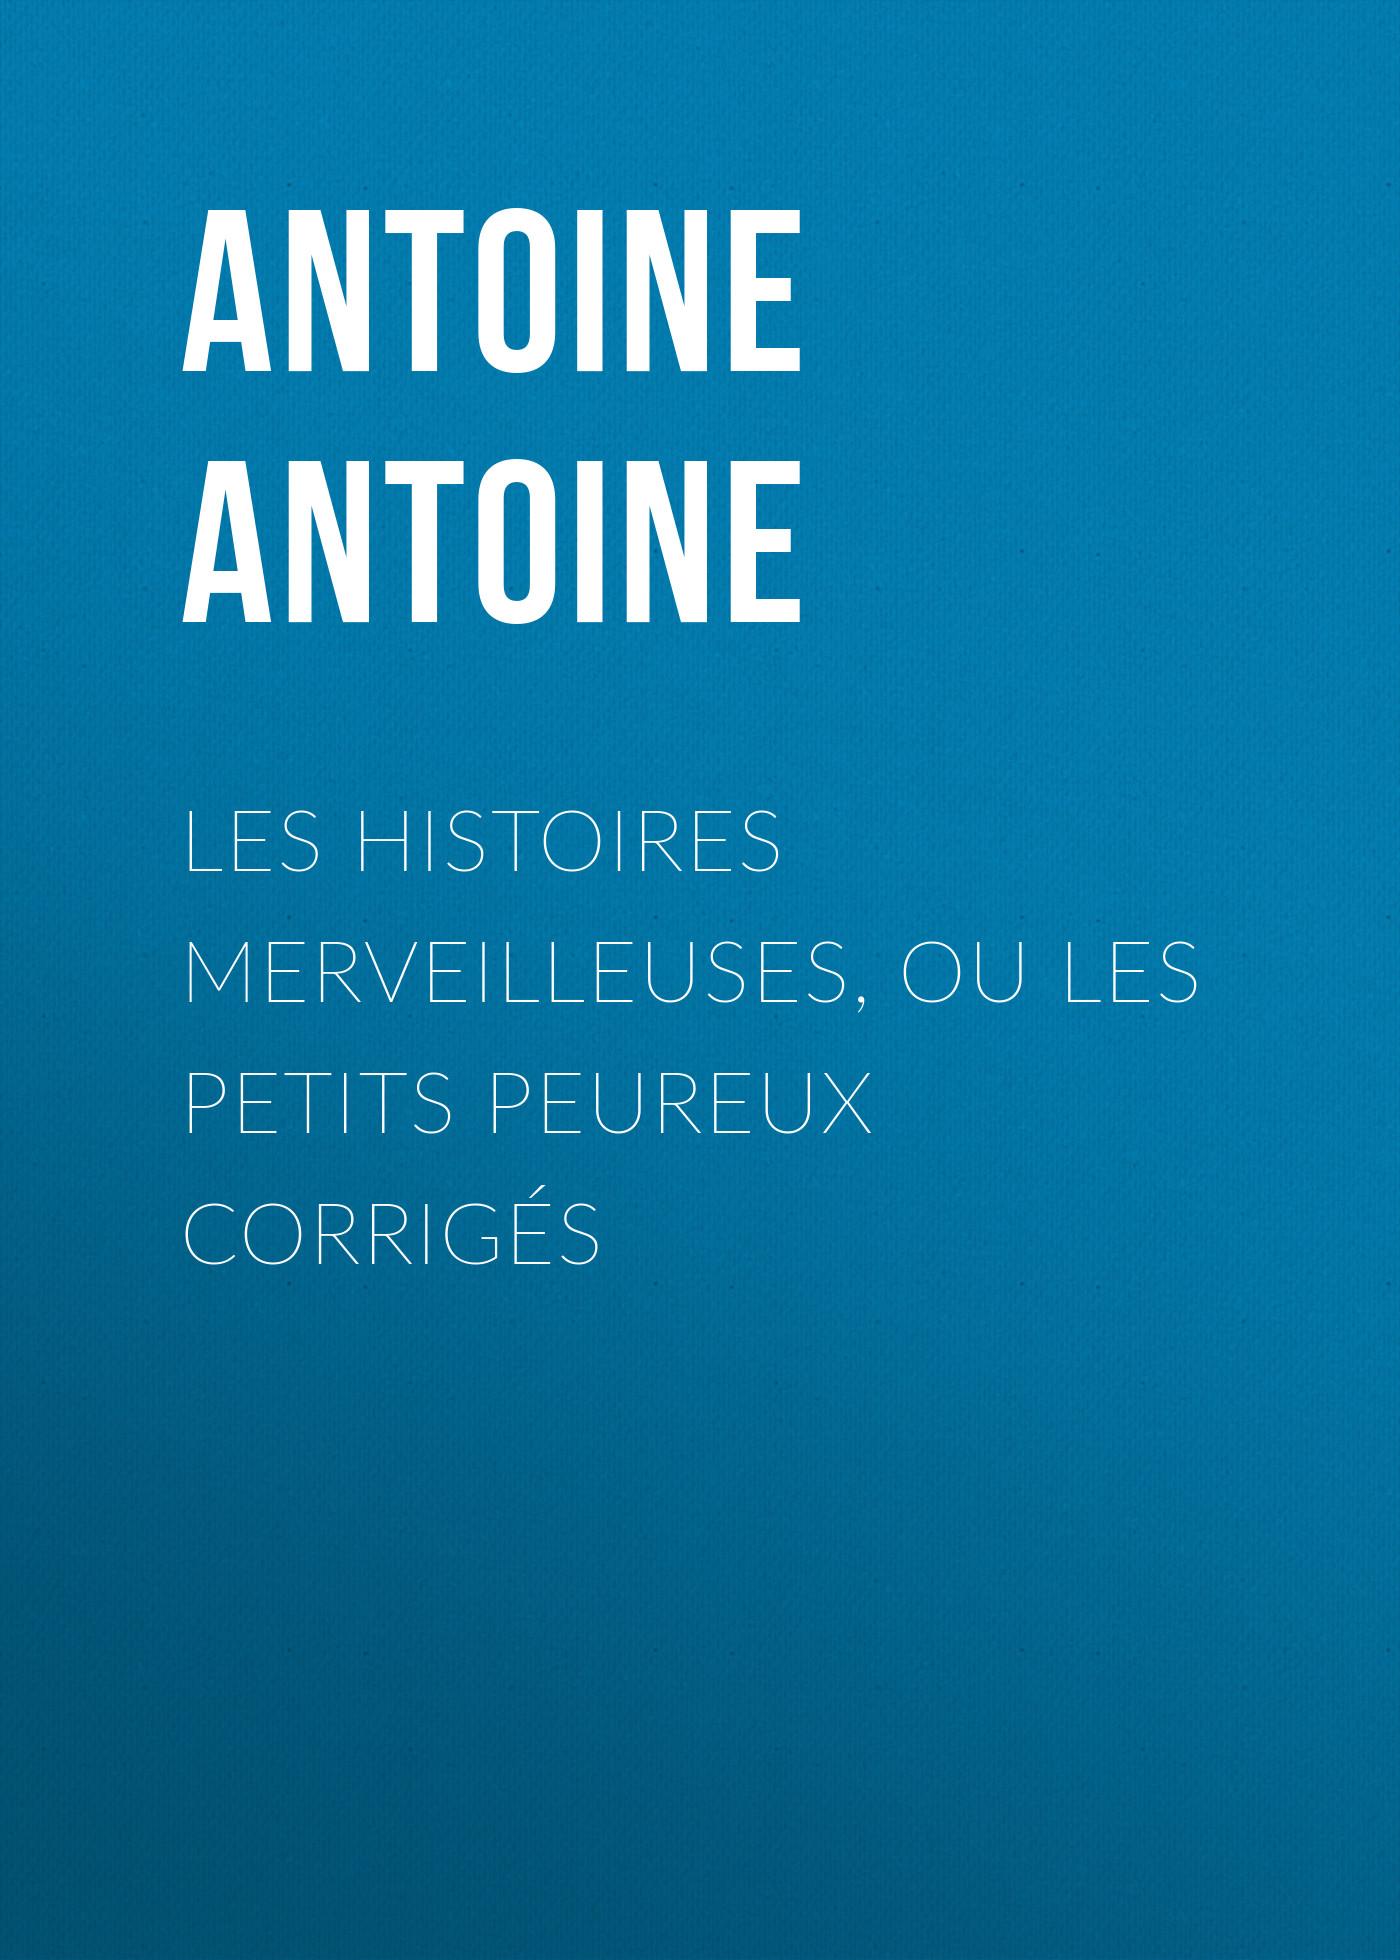 Antoine Antoine Les Histoires merveilleuses, ou les Petits Peureux corrigés eric antoine toulouse